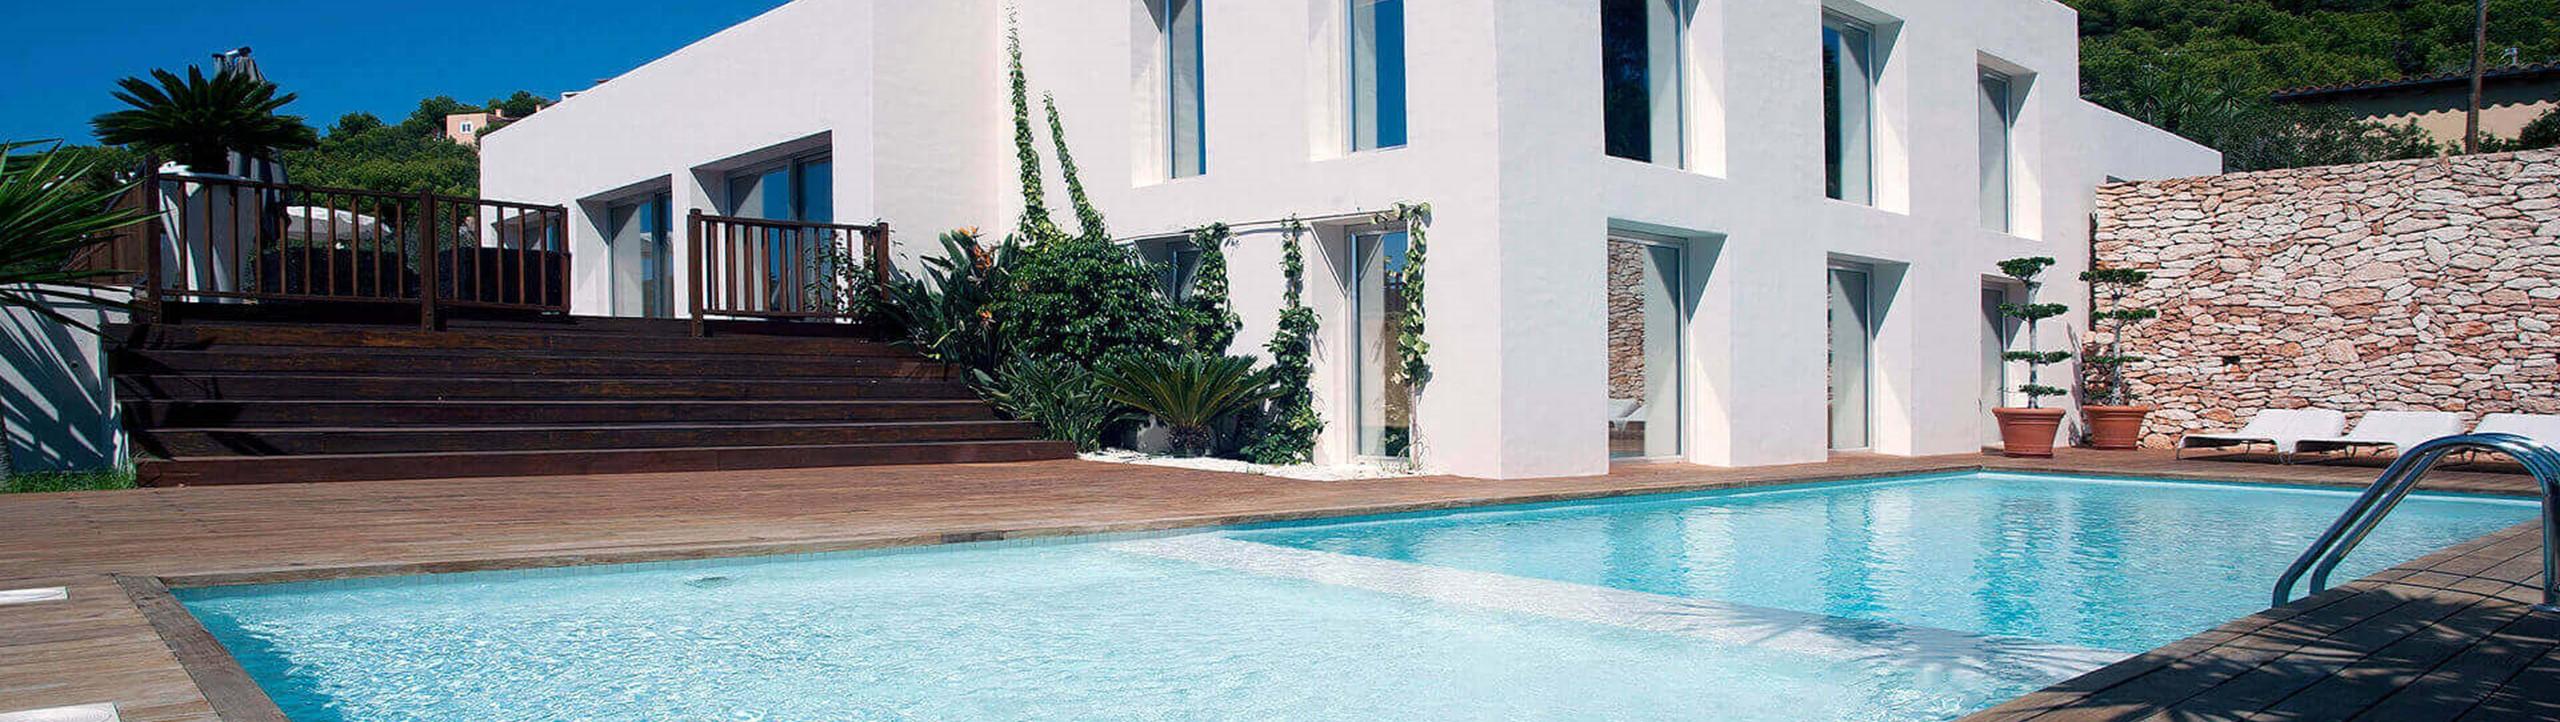 Villa Cactus Ibiza 1 Salinas And Es Cavallet